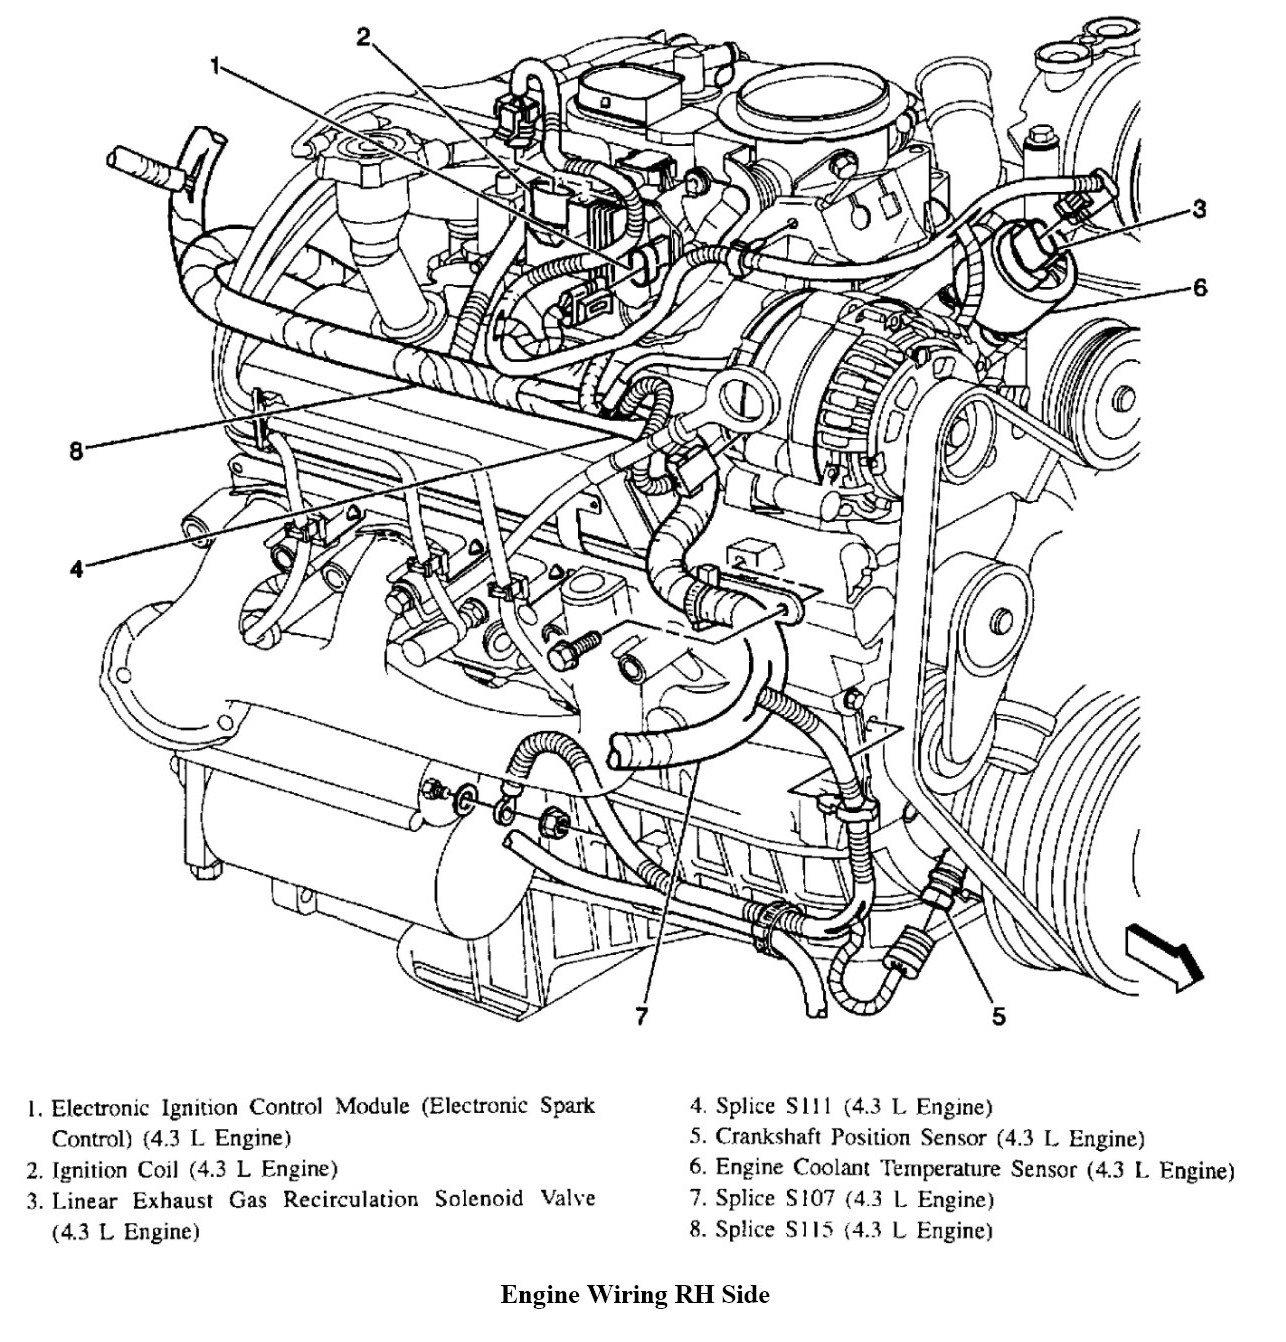 chervolet s10 2003 shop manual